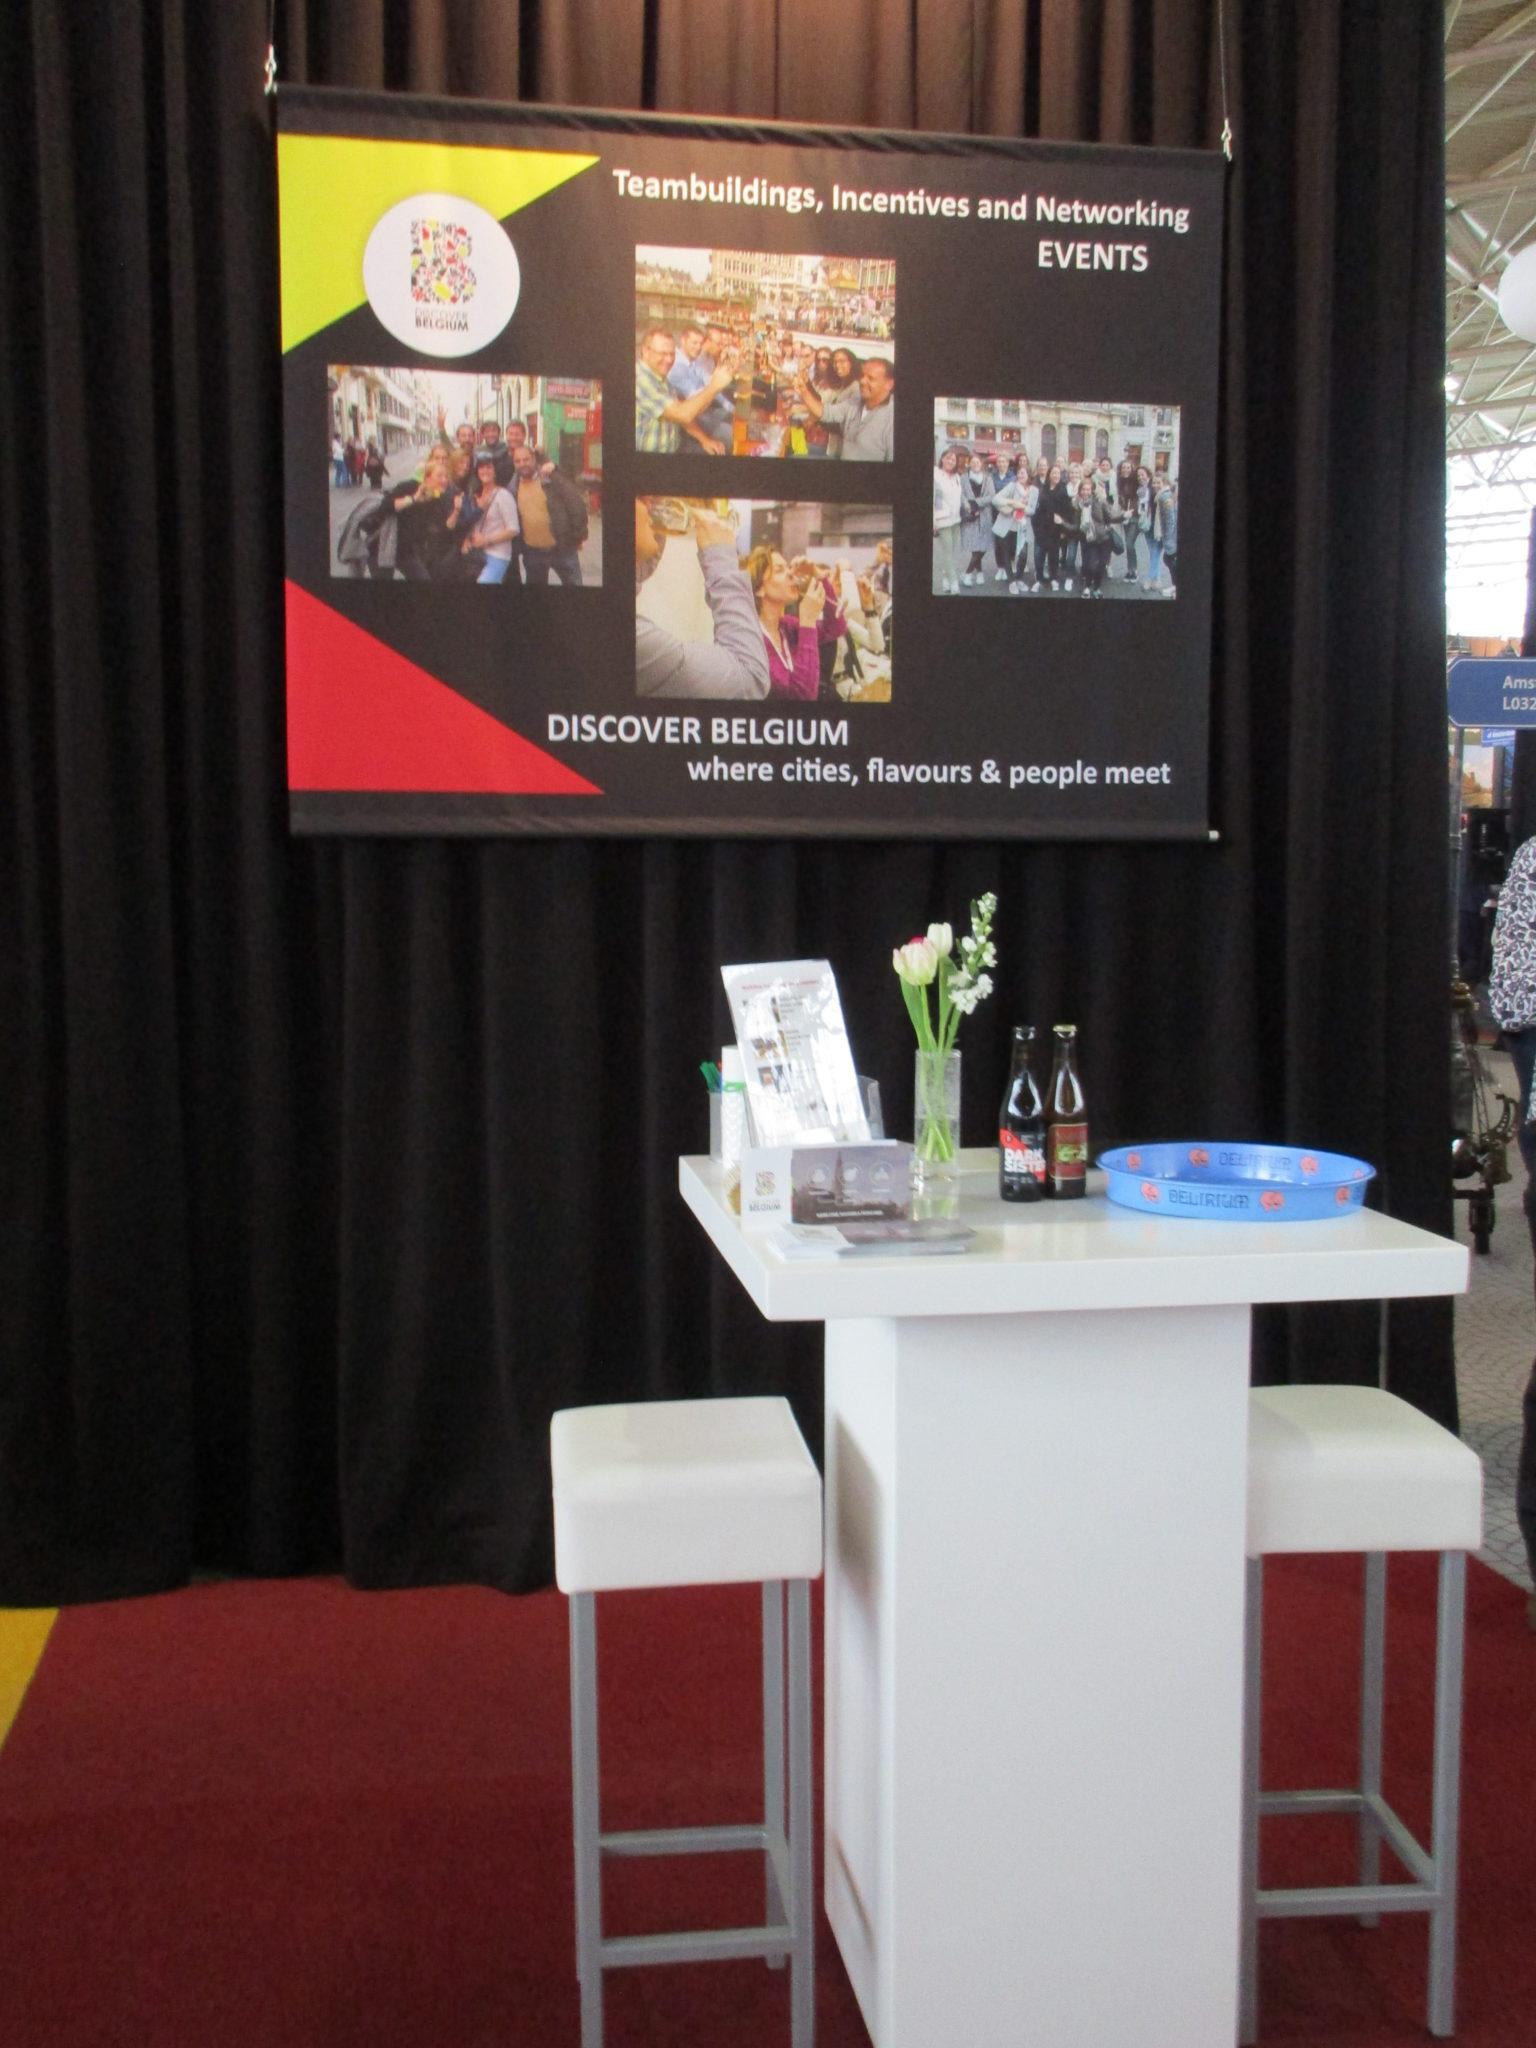 Discover-Belgium-BC-pairing-RAI-Summit-Feb183 Discover Belgium B&C pairing RAI Summit Feb18